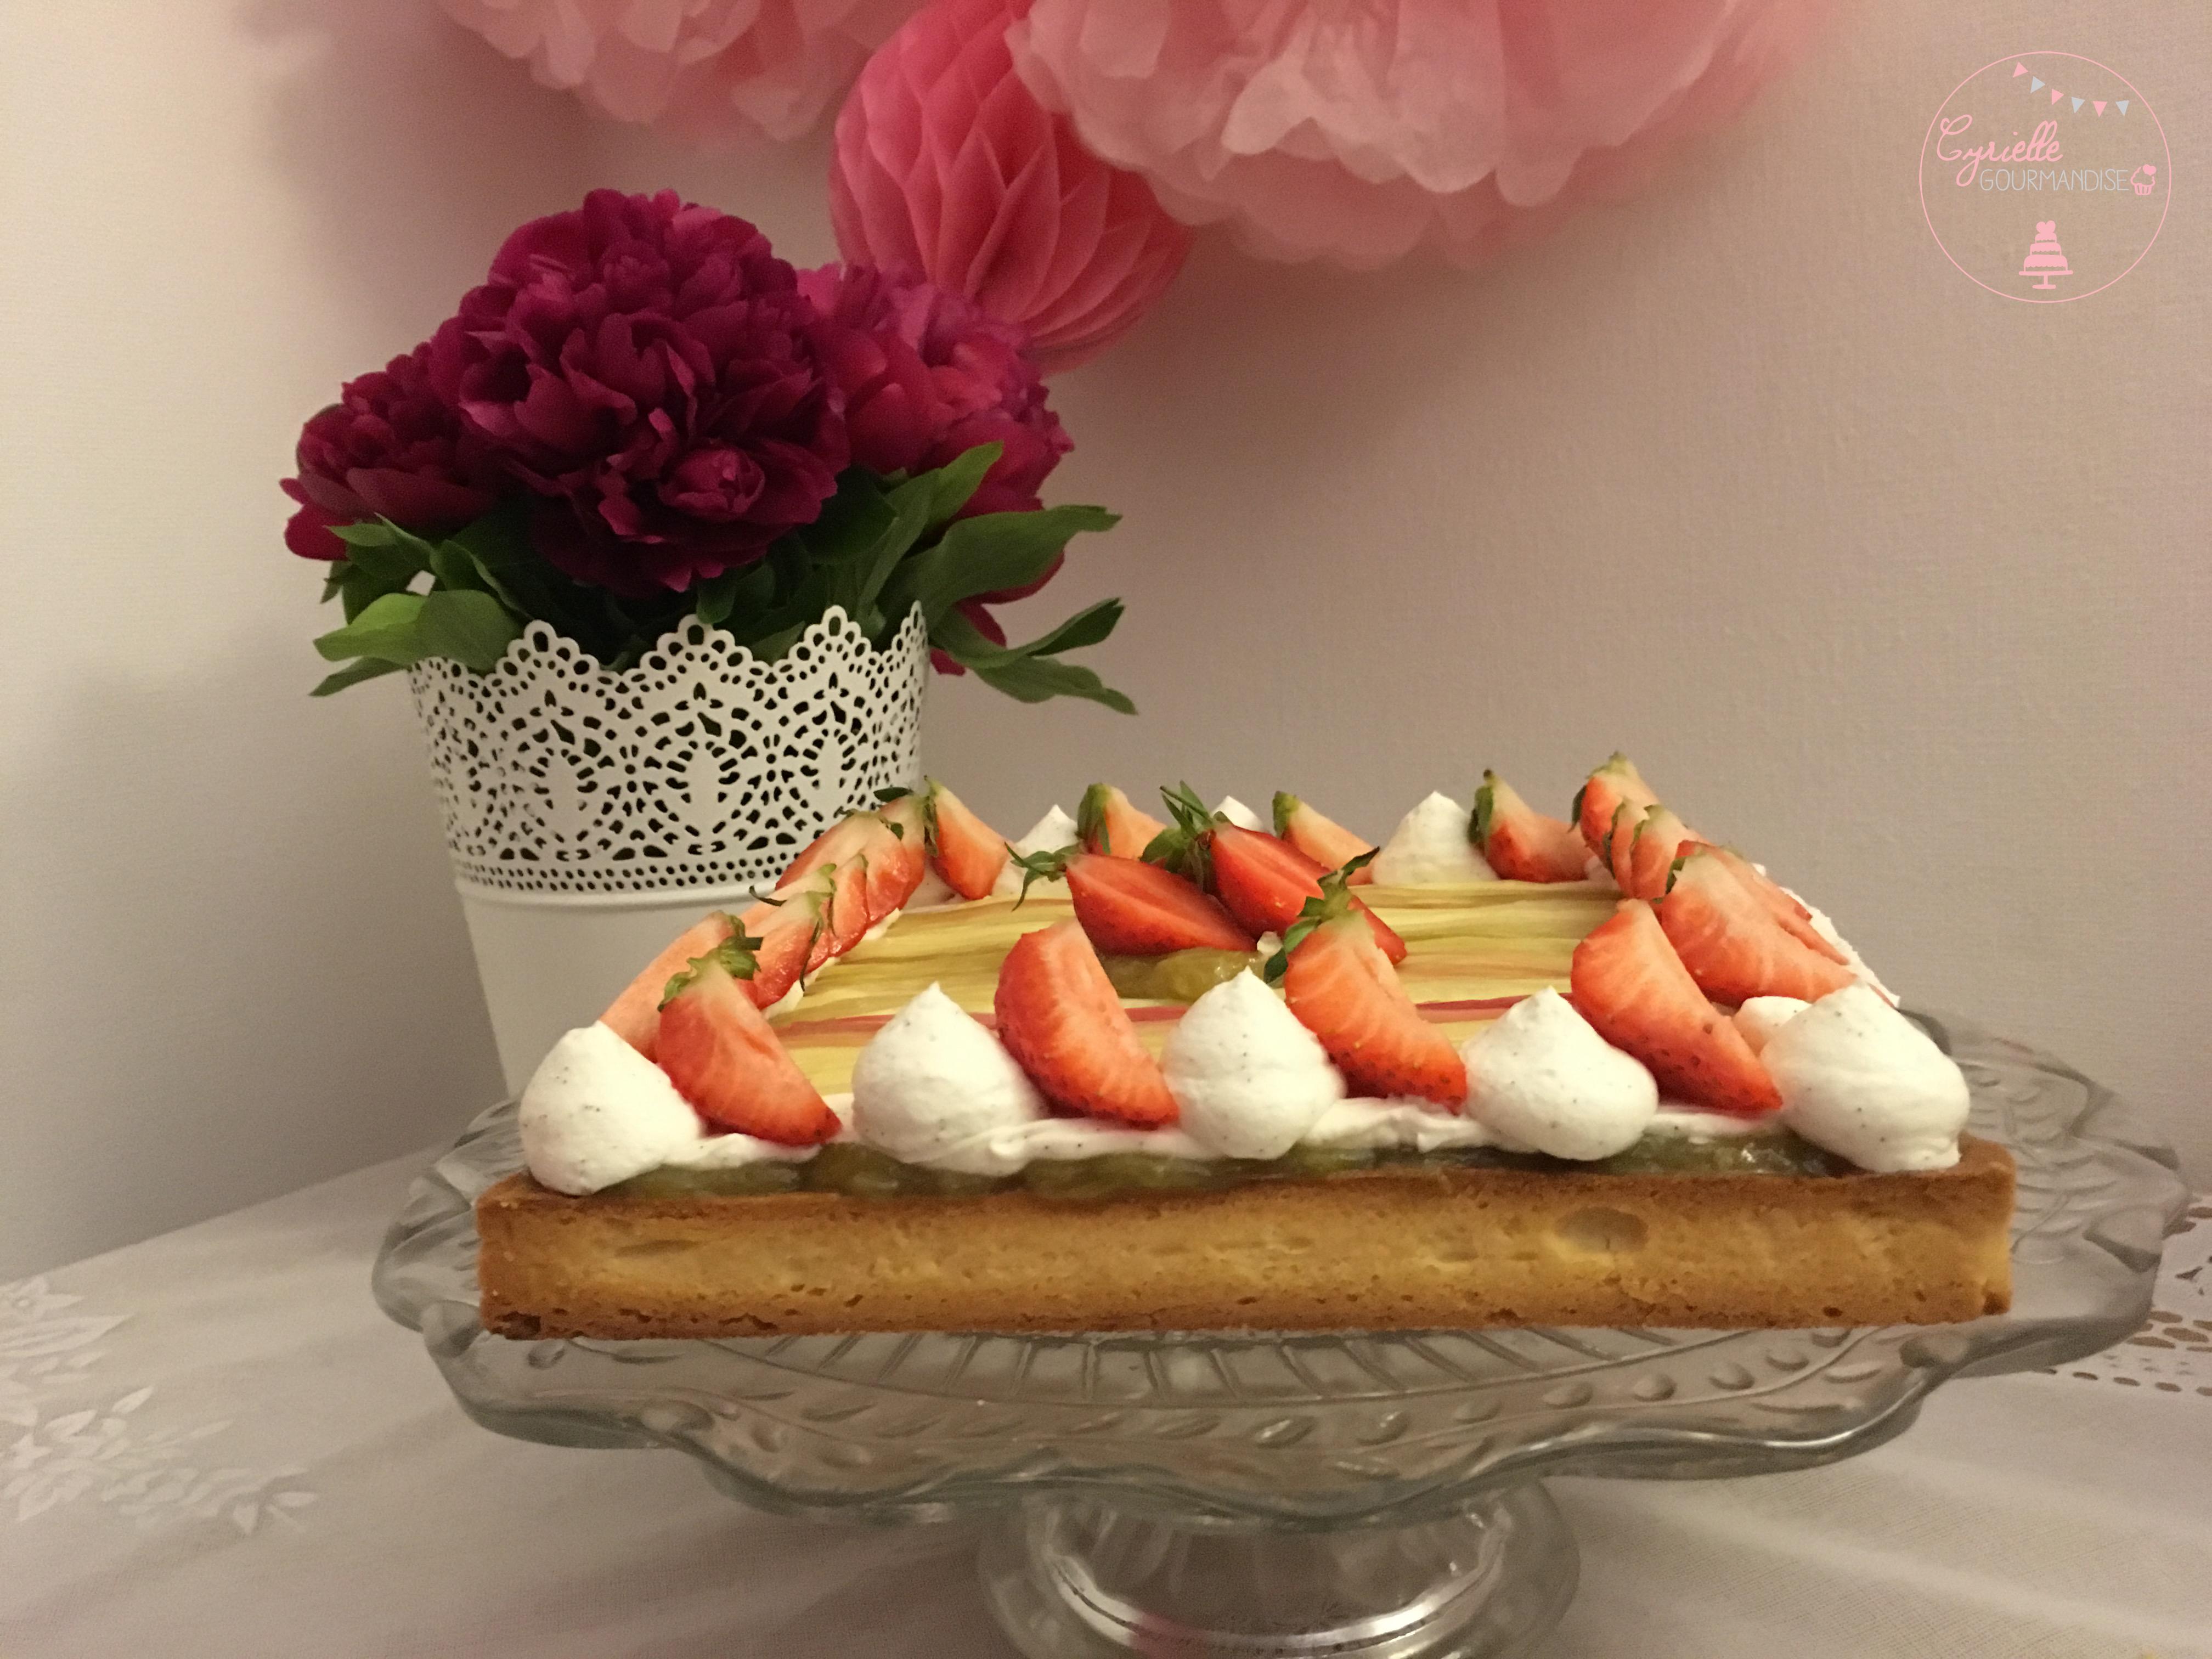 Tarte rhubarbe vanille fraises 5